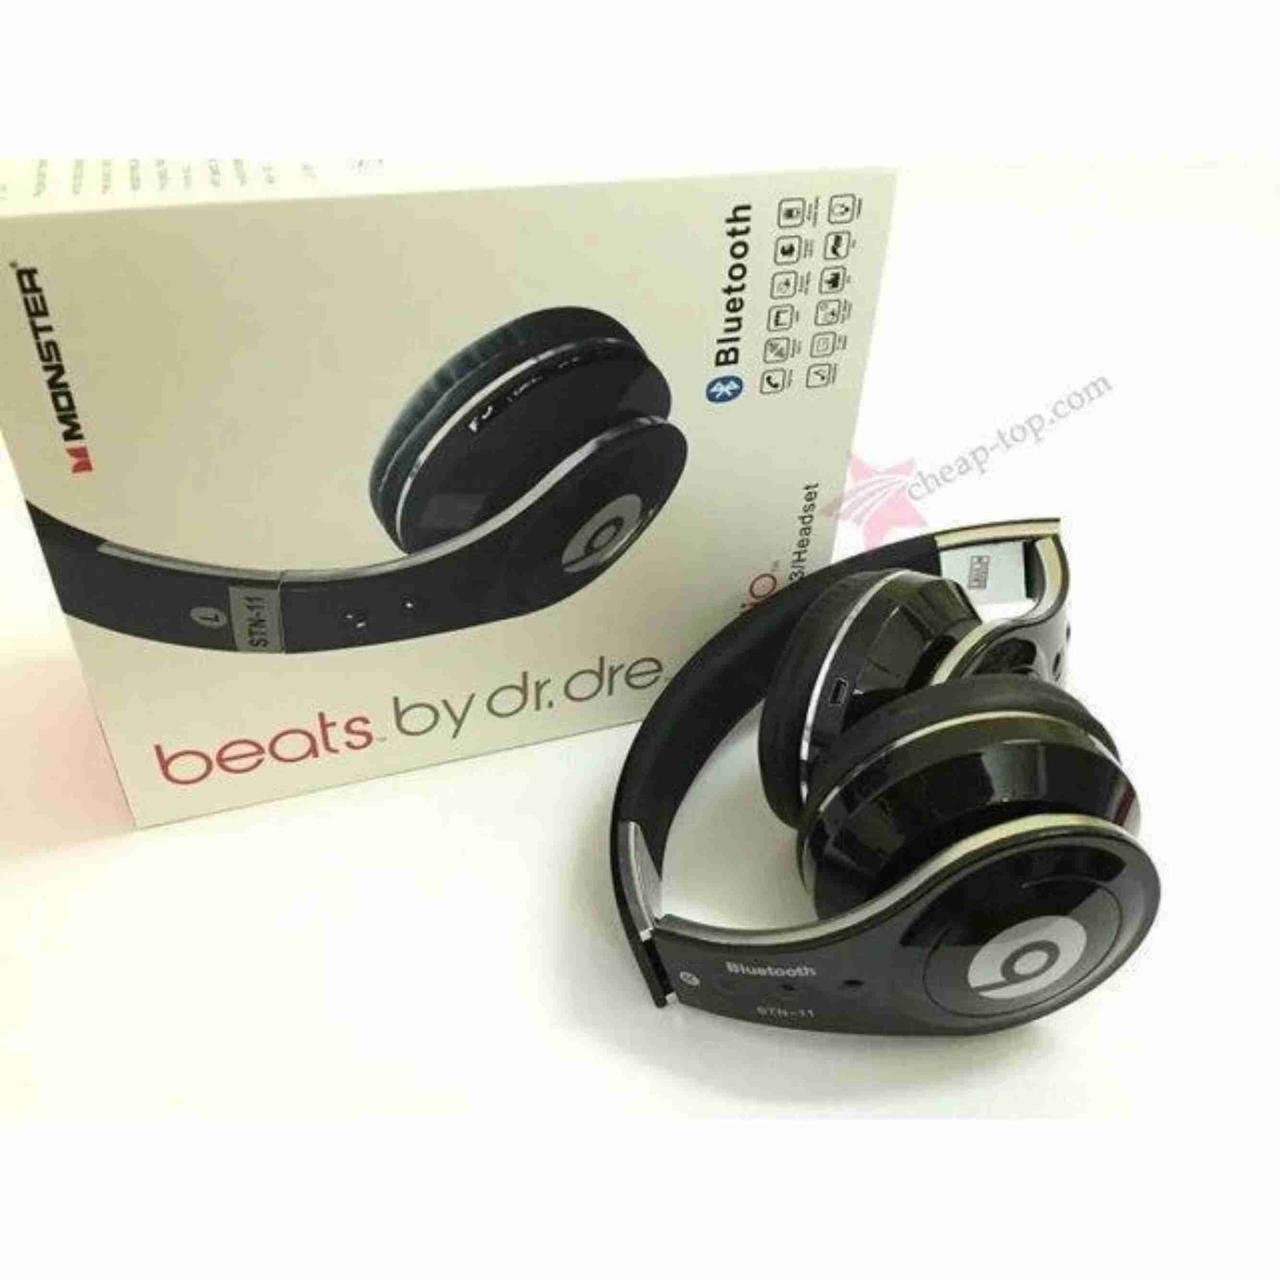 Беспроводные блютуз наушники Monster Beats от аккумулятора, Наушники Monster Beаts Bluetooth STN-11